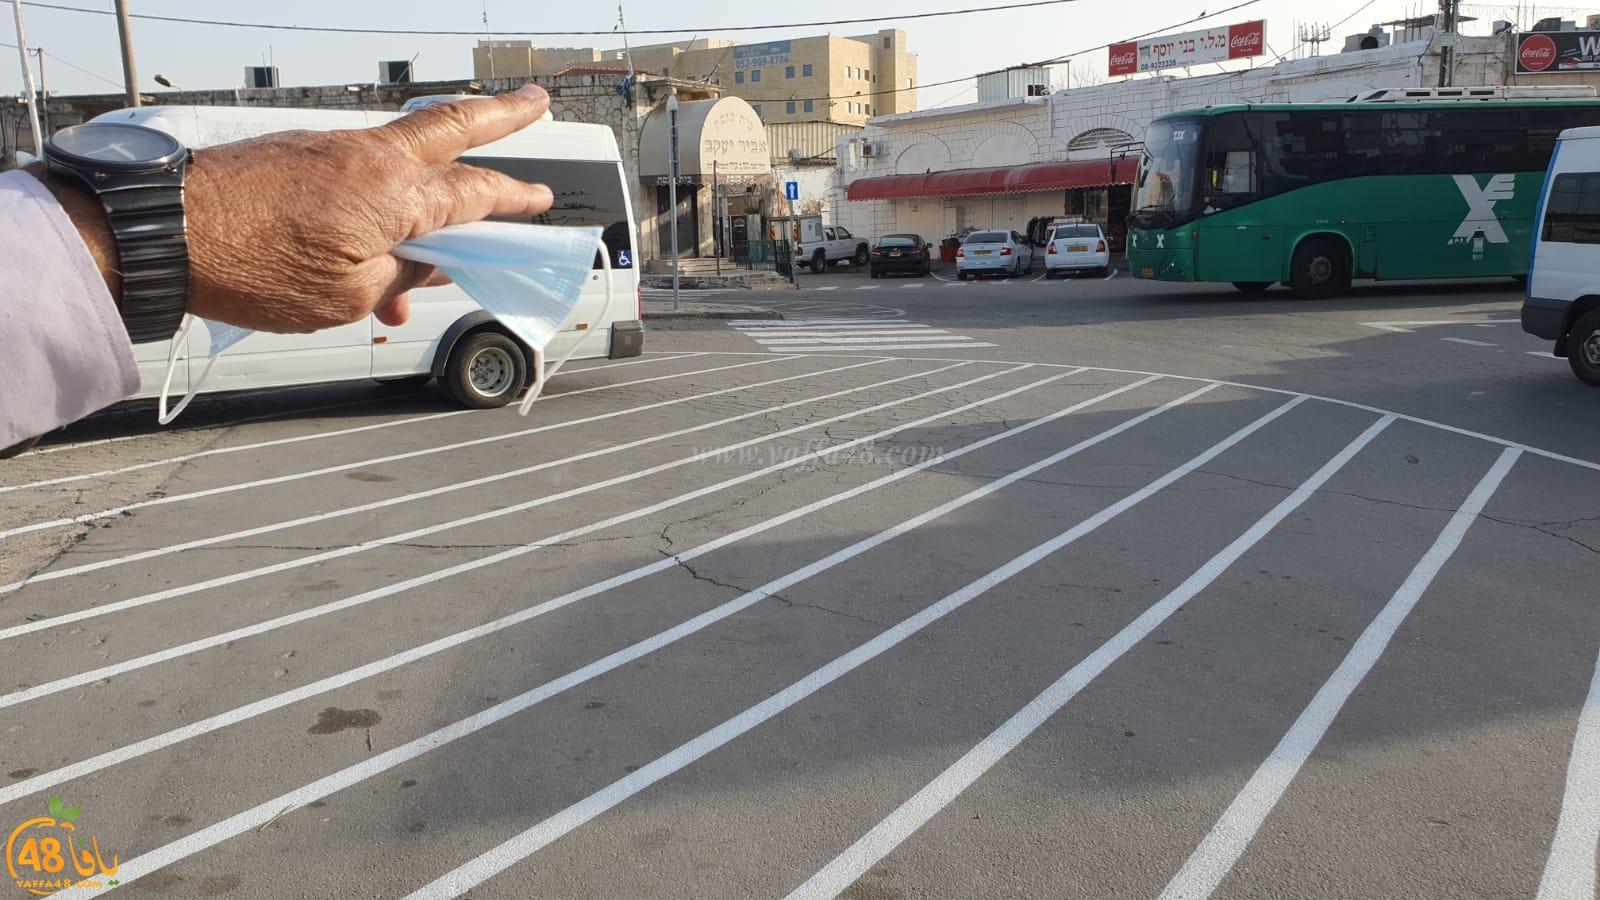 فيديو: استياء في اللد بعد تخطيط الشوارع والتضييق على المحلات التجارية